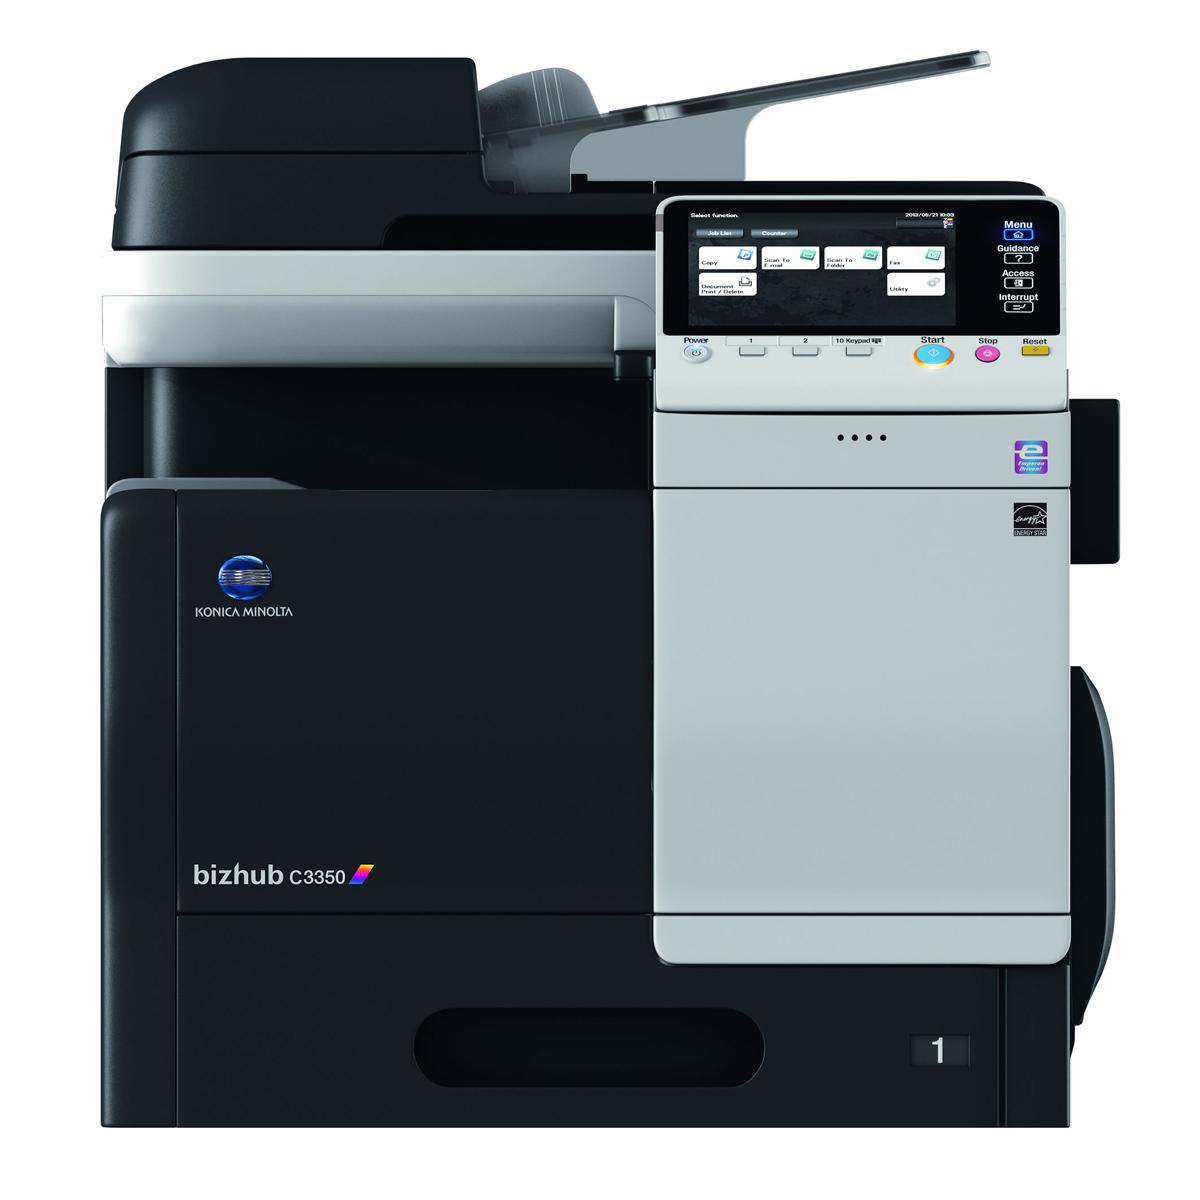 Perchè scegliere stampanti multifunzione usate o rigenerate